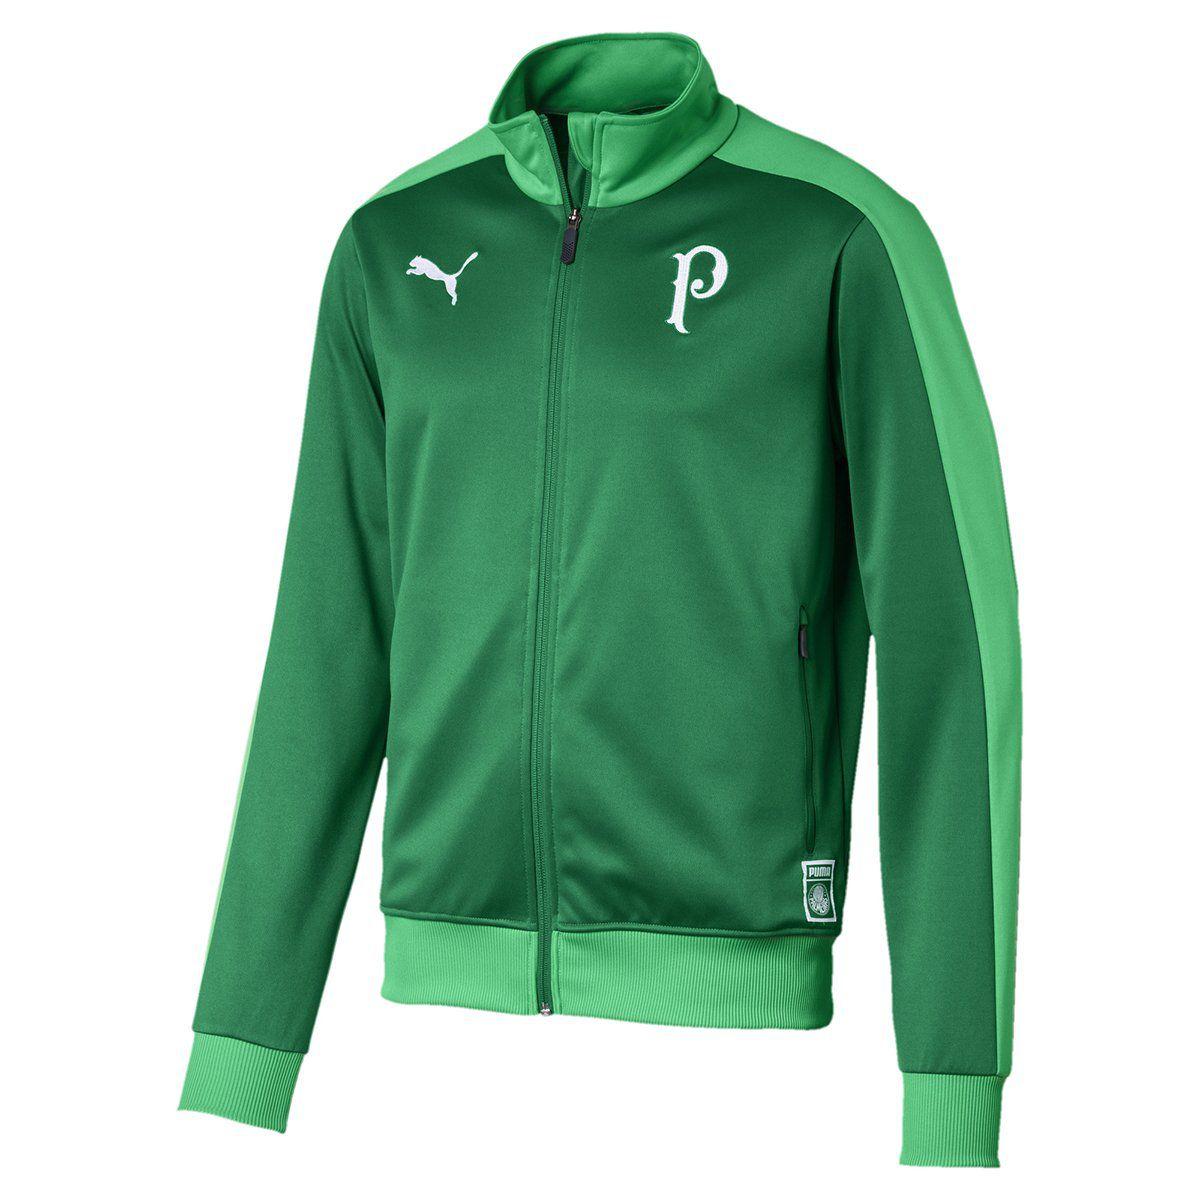 Jaqueta Palmeiras Track Jacket 2019/20